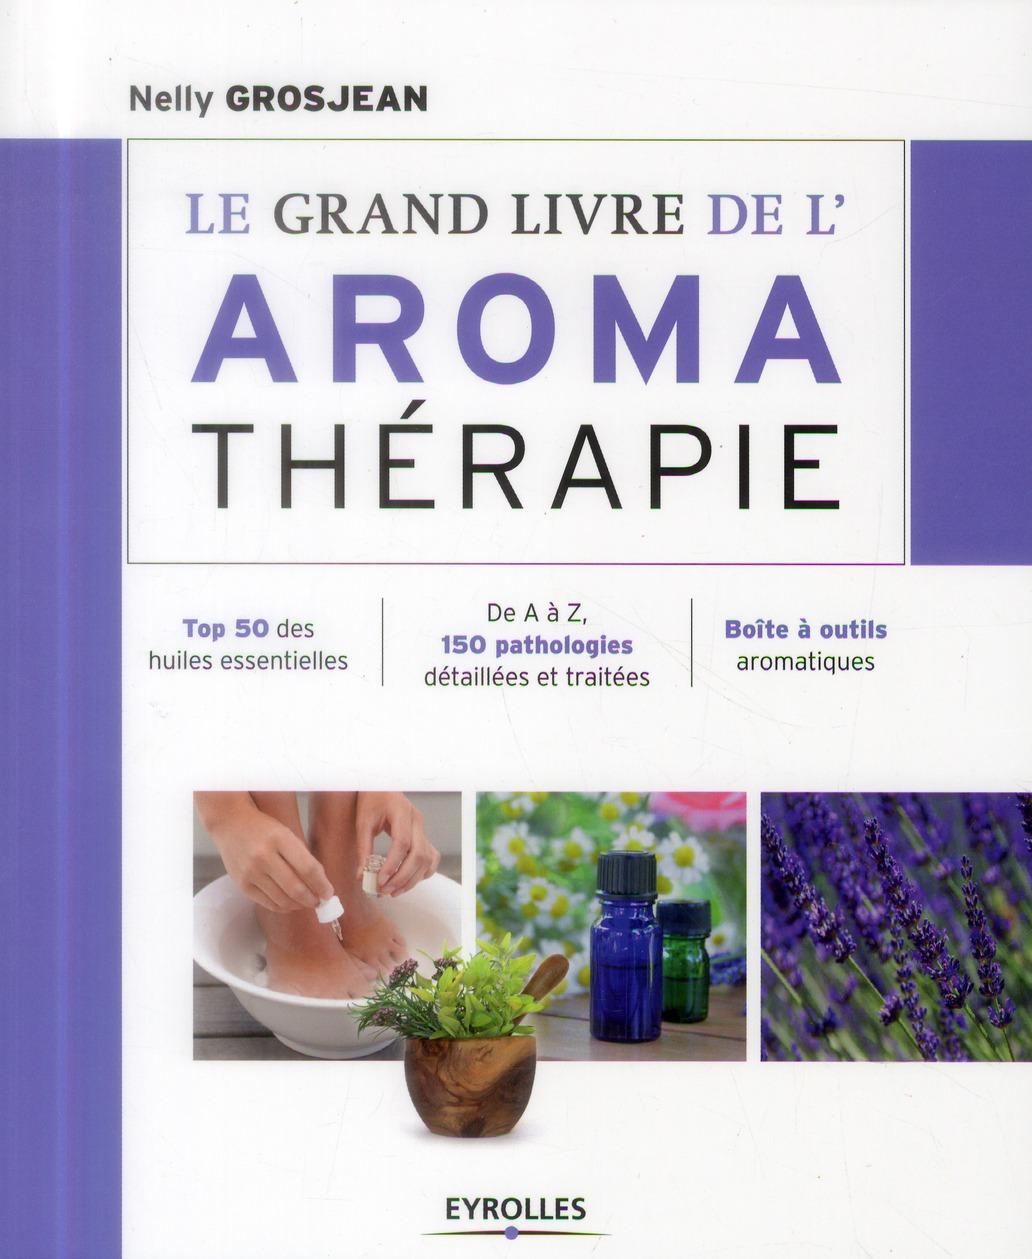 Le Grand Livre De L'Aromatherapie ; Se Soigner Au Quotidien Avec Les Huiles Essentielles